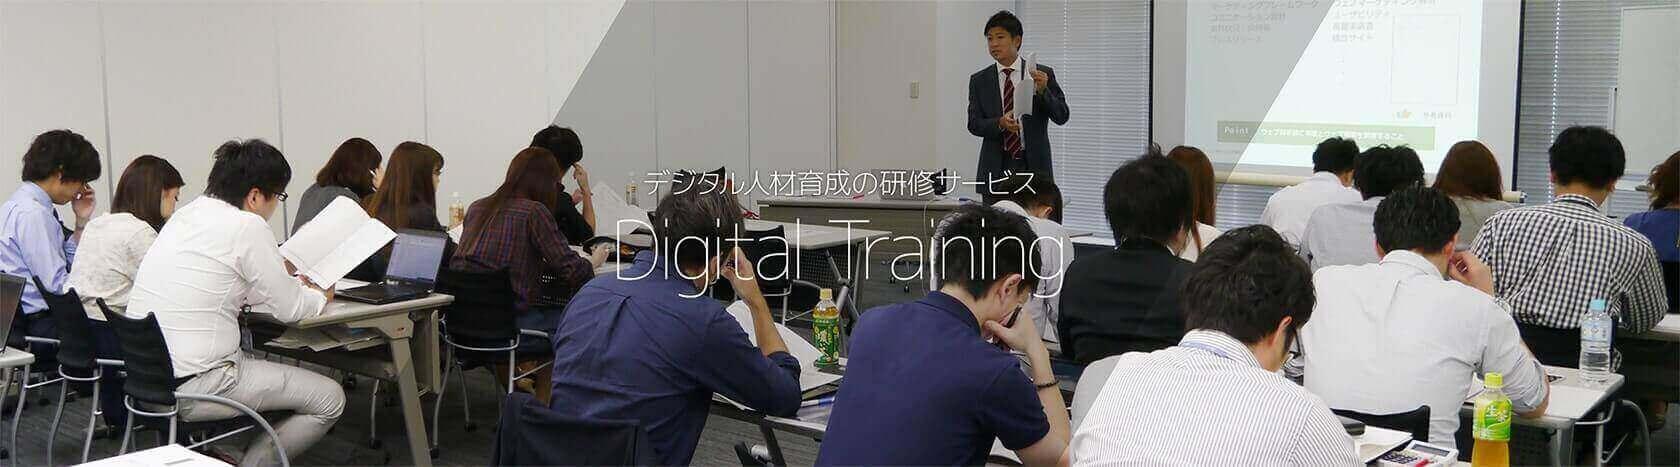 アイクラウド研修サービスはコンピュータに関するさまざまな企業研修をご提供いたします